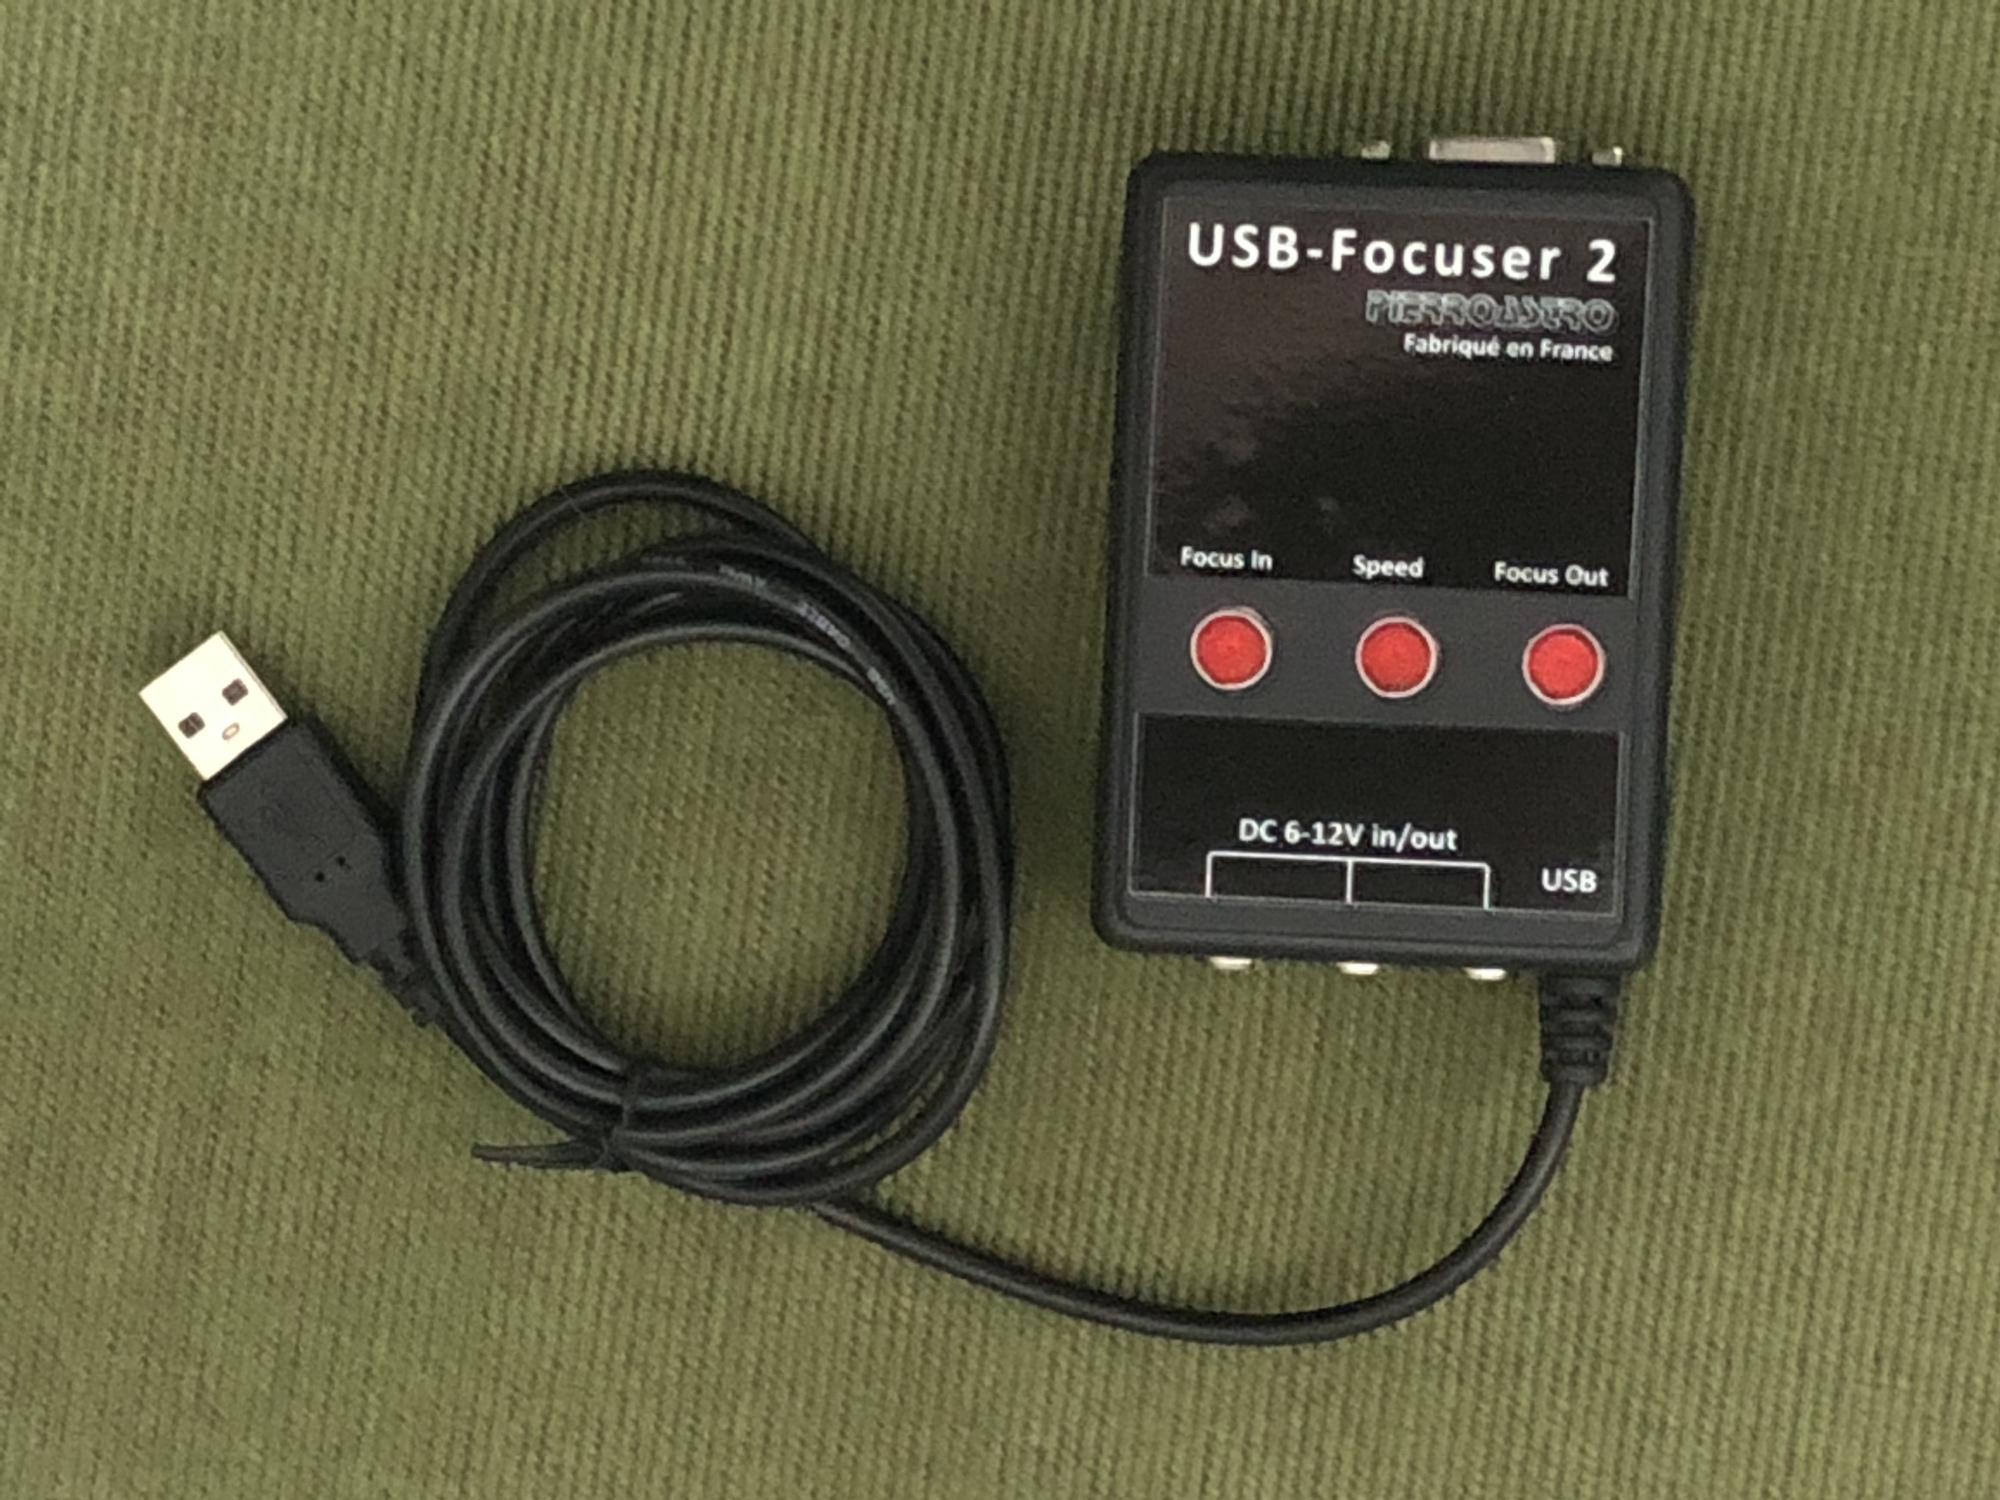 USB-Focuser 2.JPG